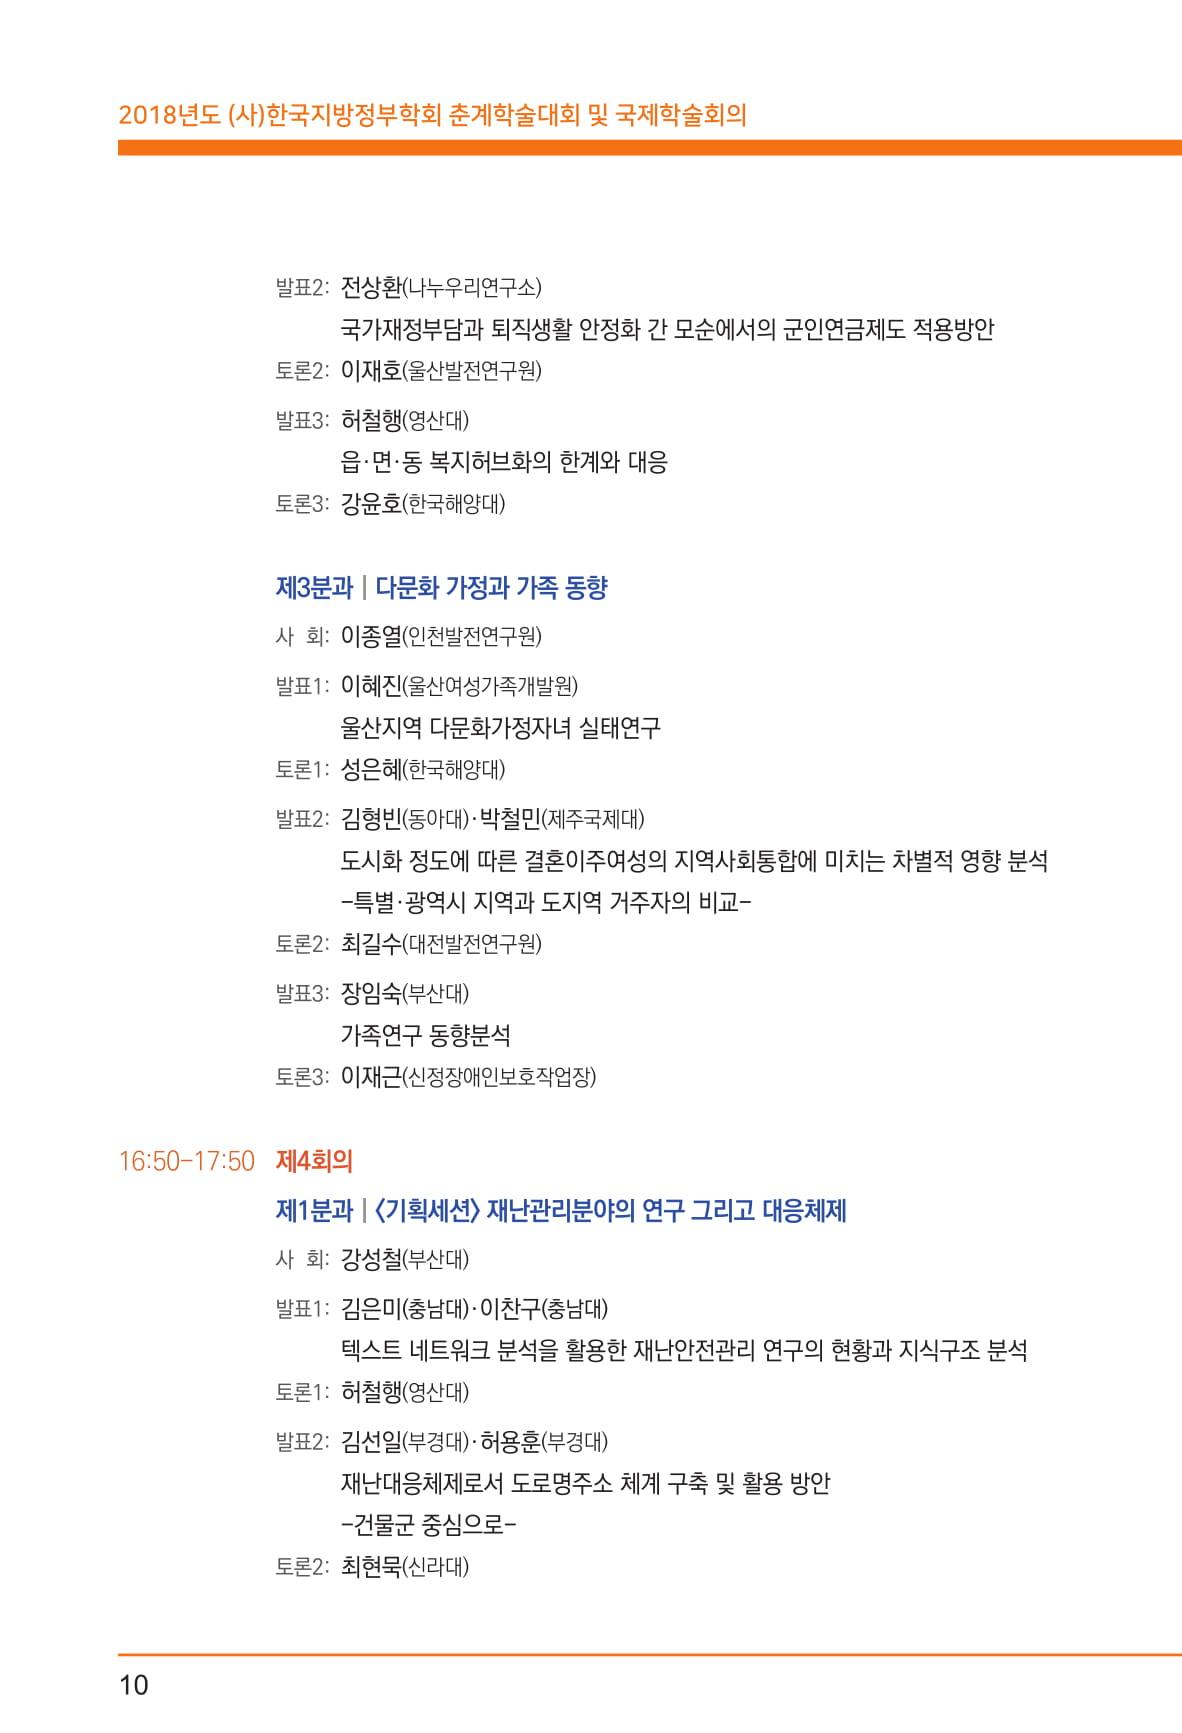 12_지방정부_춘계초청-10.jpg